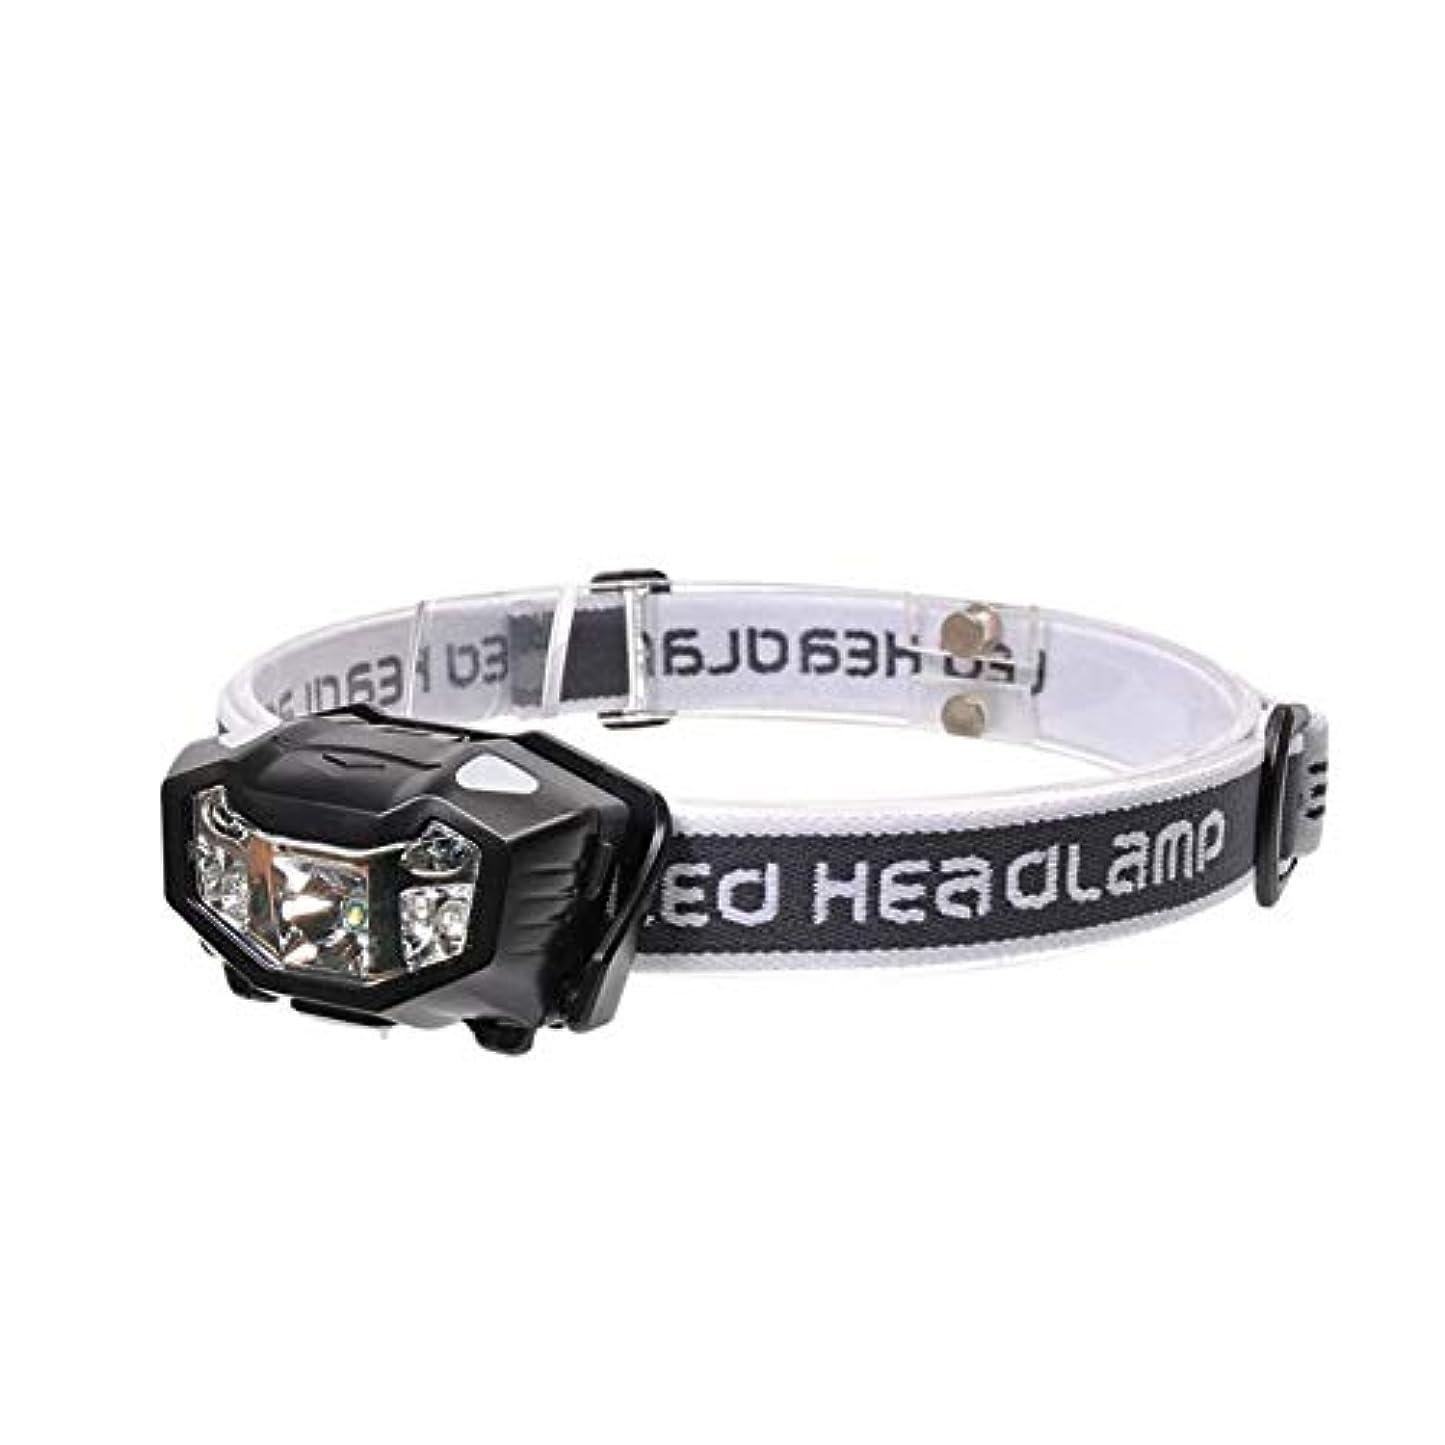 泥沼化合物状トーチヘッドライト 屋外スポーツ用ヘッドライト、軽量で快適なヘッドマウント懐中電灯、内蔵のリチウム電池ヘッドライト、充電用ヘッドライト、照明用ヘッドライト トーチヘッドライト